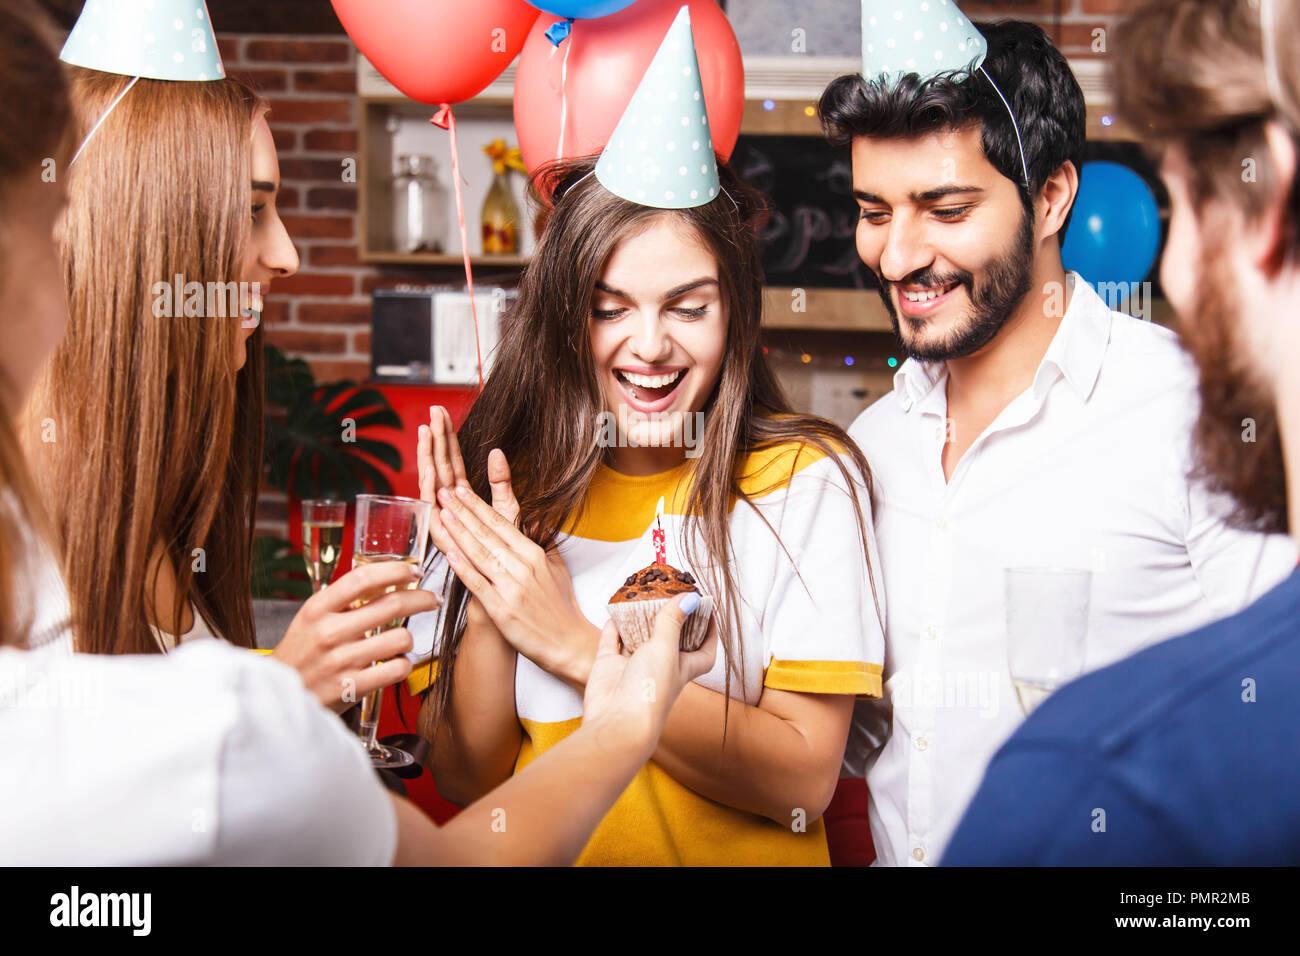 Amis anniversaire fillette brune félicite dans party hat avec cupcake, elle se sentir surpris Photo Stock